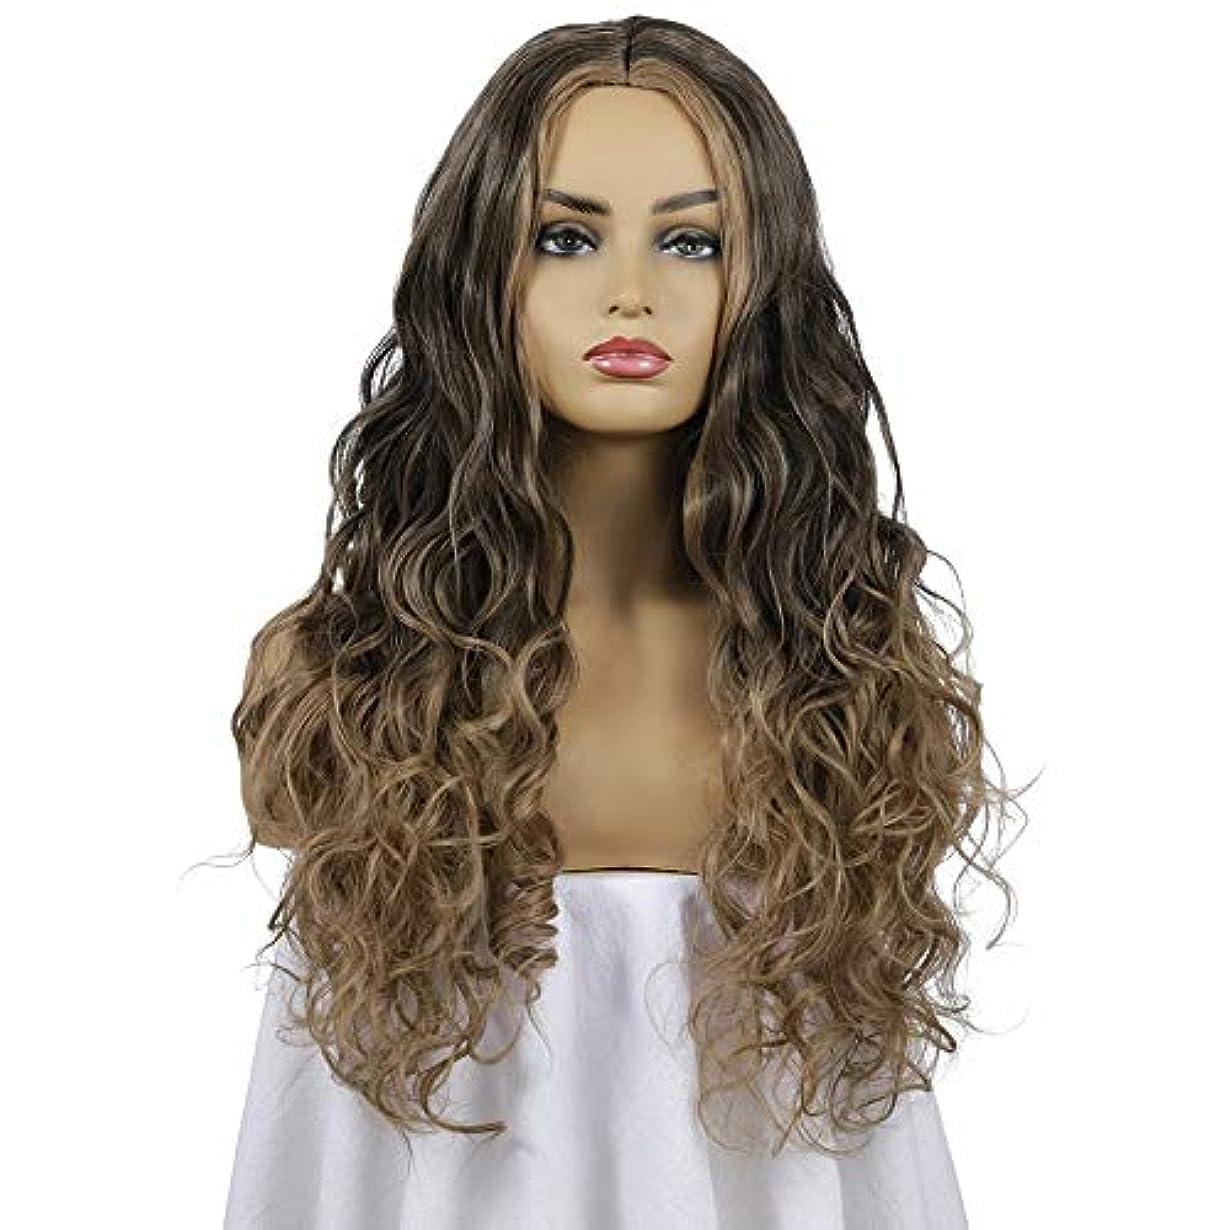 異形年金受給者郊外女性の長い巻き毛のウェーブのかかった髪のかつら26インチ魅力的な人工毛交換かつらと中間別れハロウィーンコスプレ衣装アニメパーティーかつら、黒と茶色のかつら